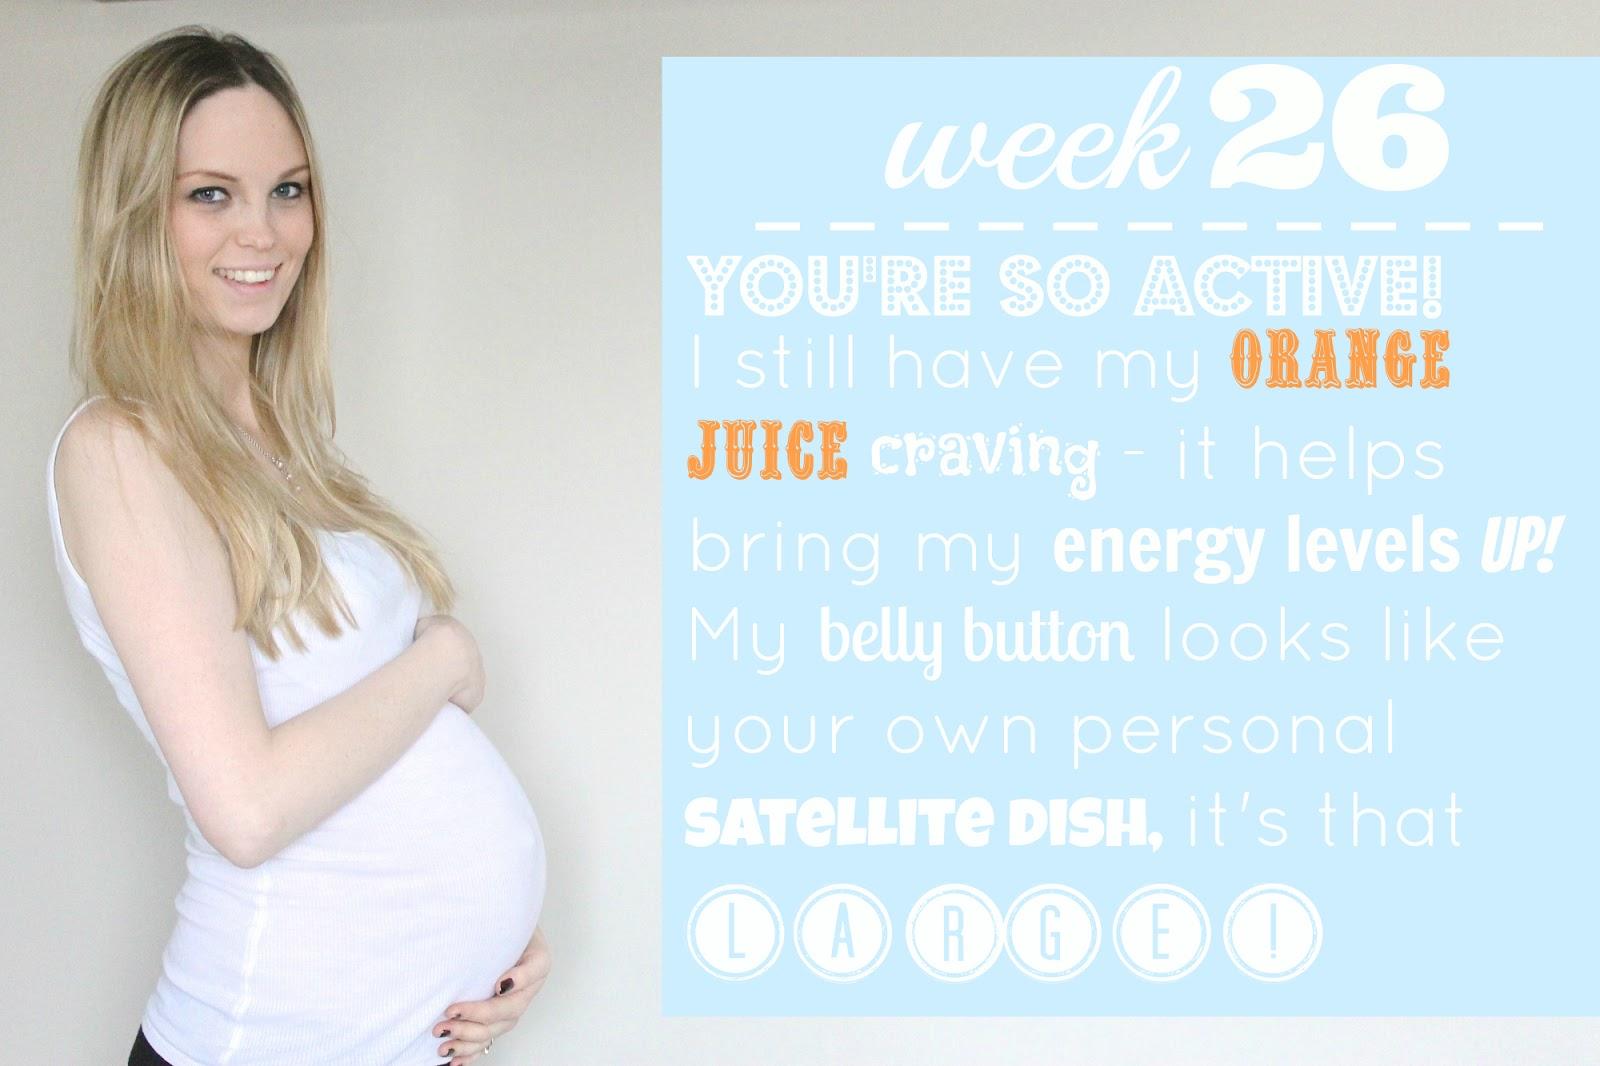 26 weeks pregnant,